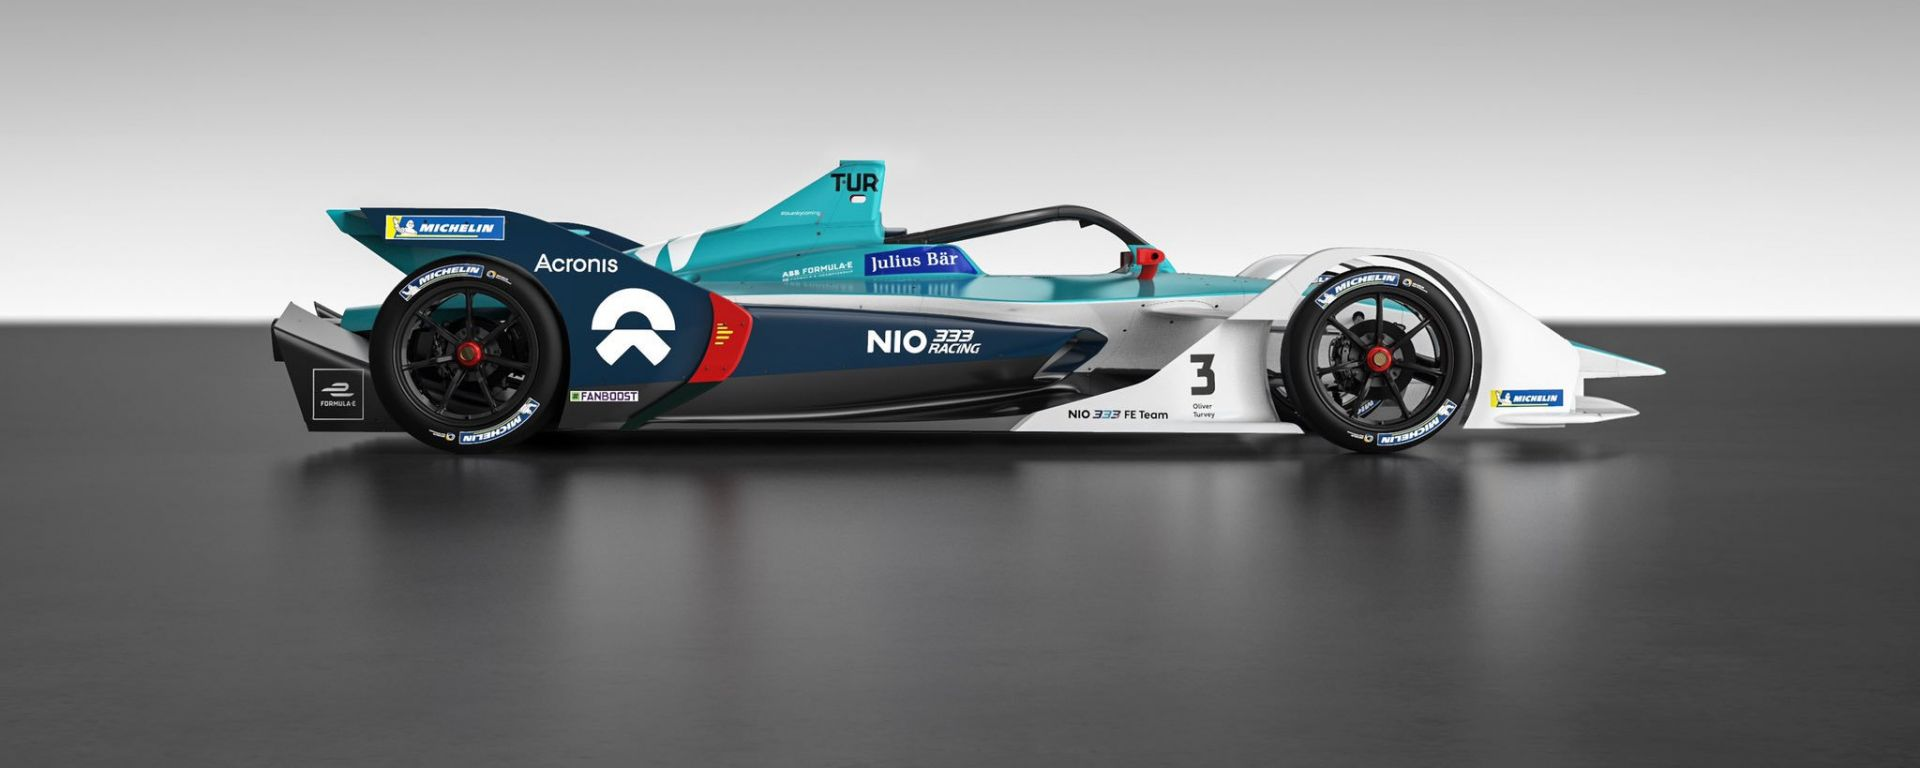 Formula E 2019-2020, la nuova NIO 333 Racing di Ma Qing Hua e Oliver Turvey